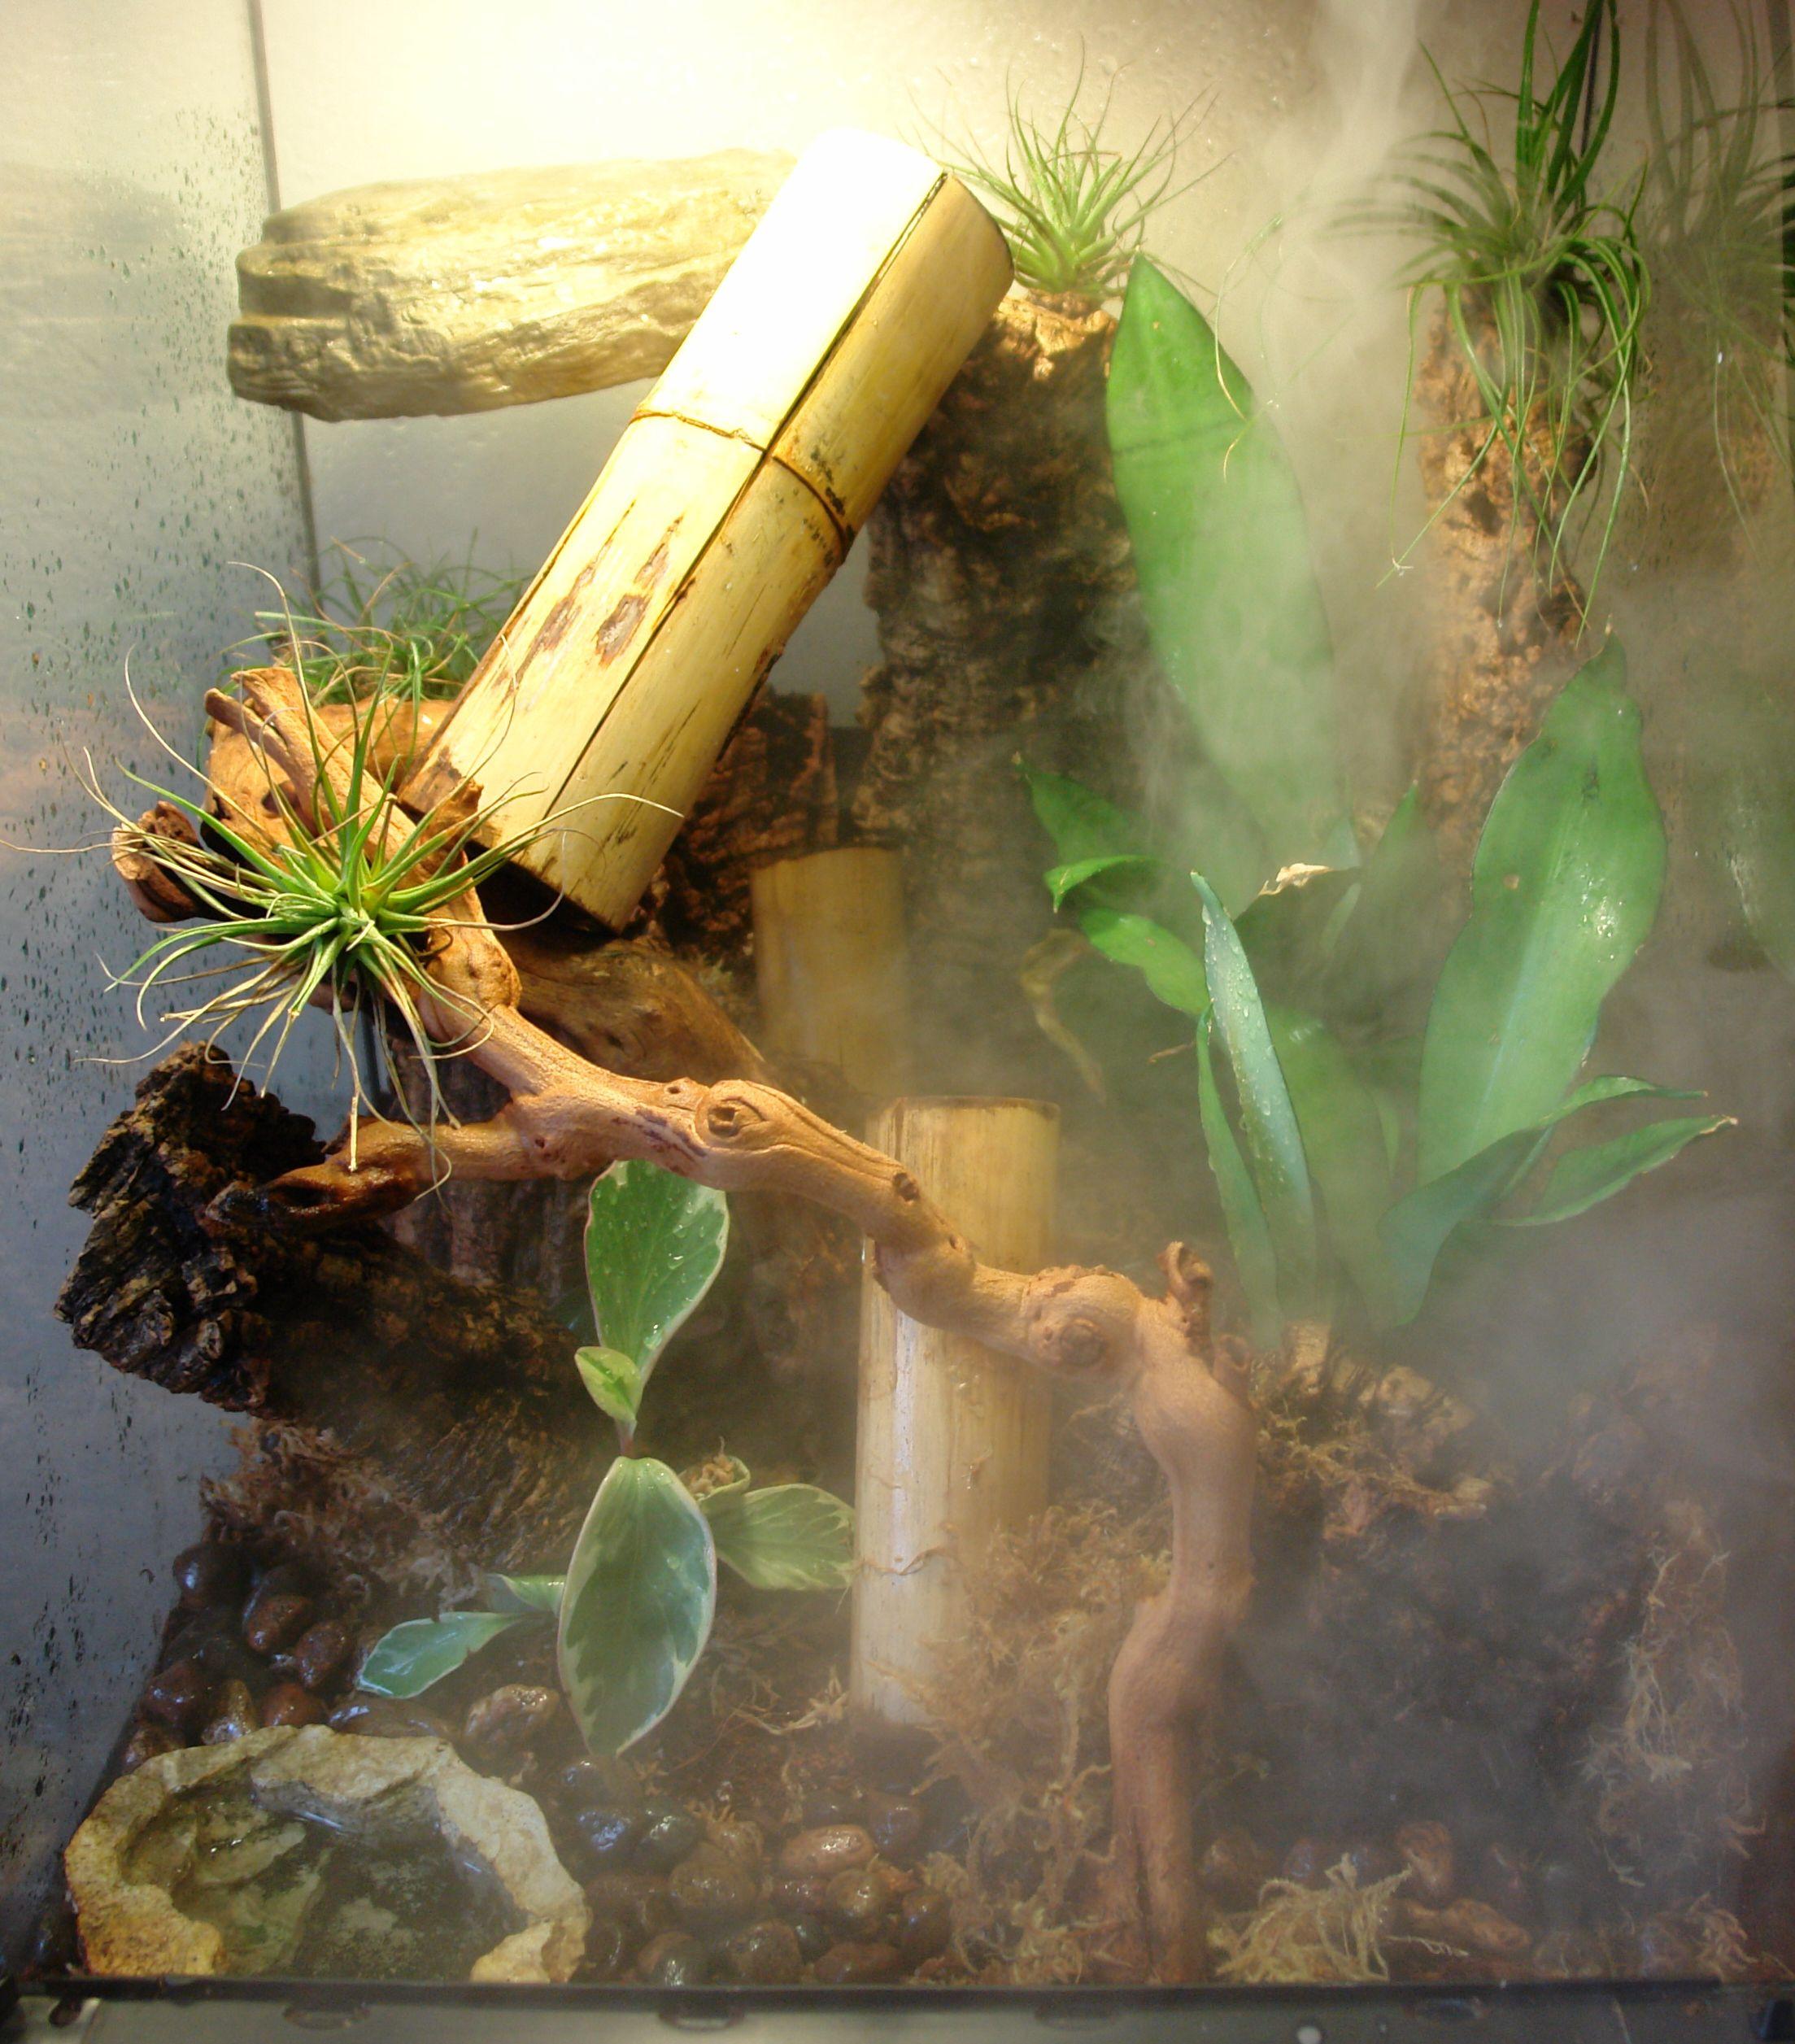 Vivarium Designed For Day Geckos